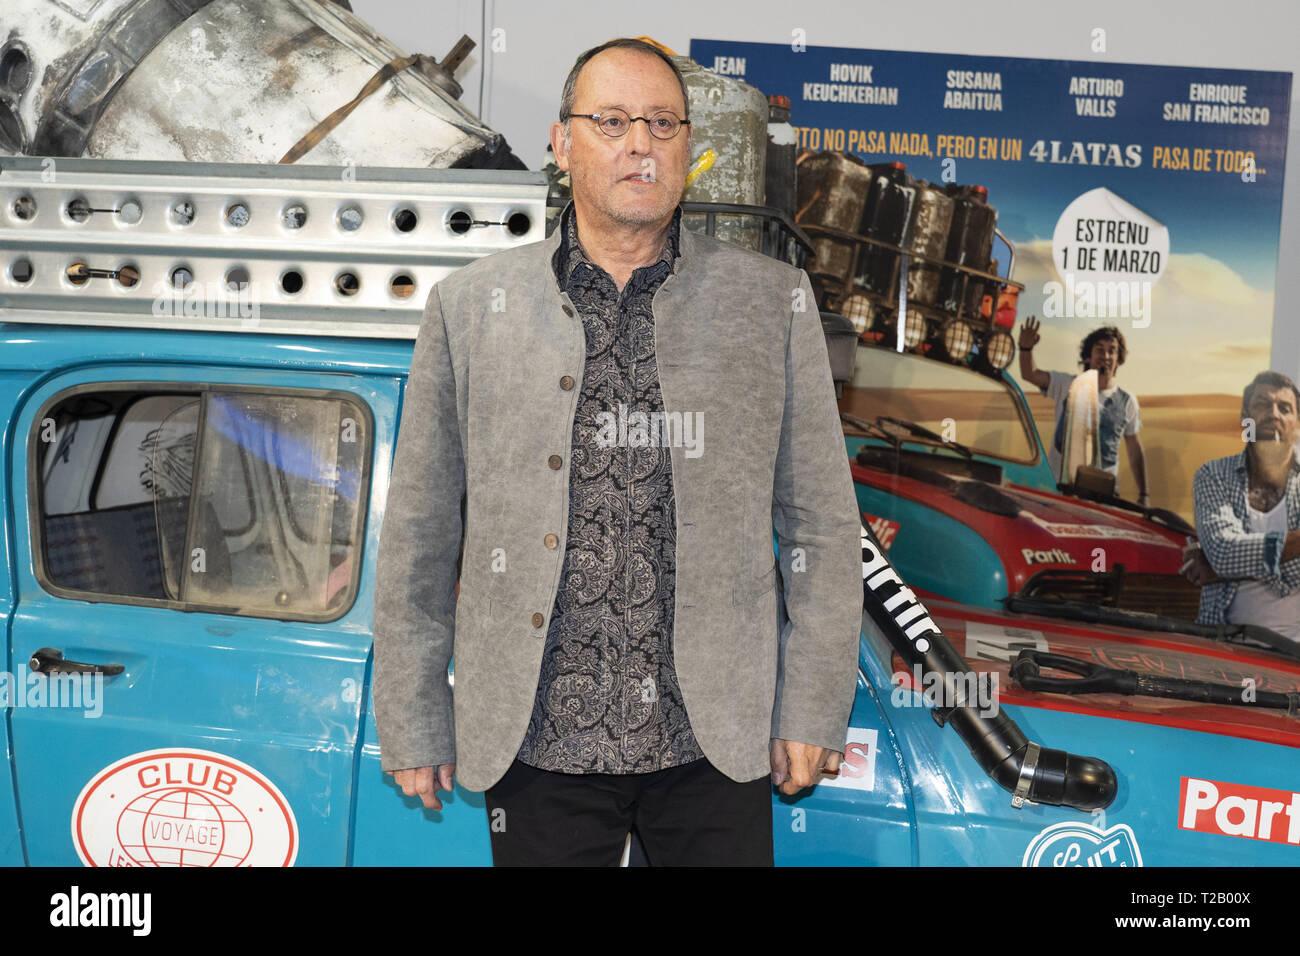 El actor francés Jean Reno asiste al '4 Latas' Estreno en Paz Cine en Madrid con: Jean Reno, donde: Madrid, España cuando: El 28 de febrero de 2019 Crédito: Oscar Gonzalez/WENN.com Foto de stock